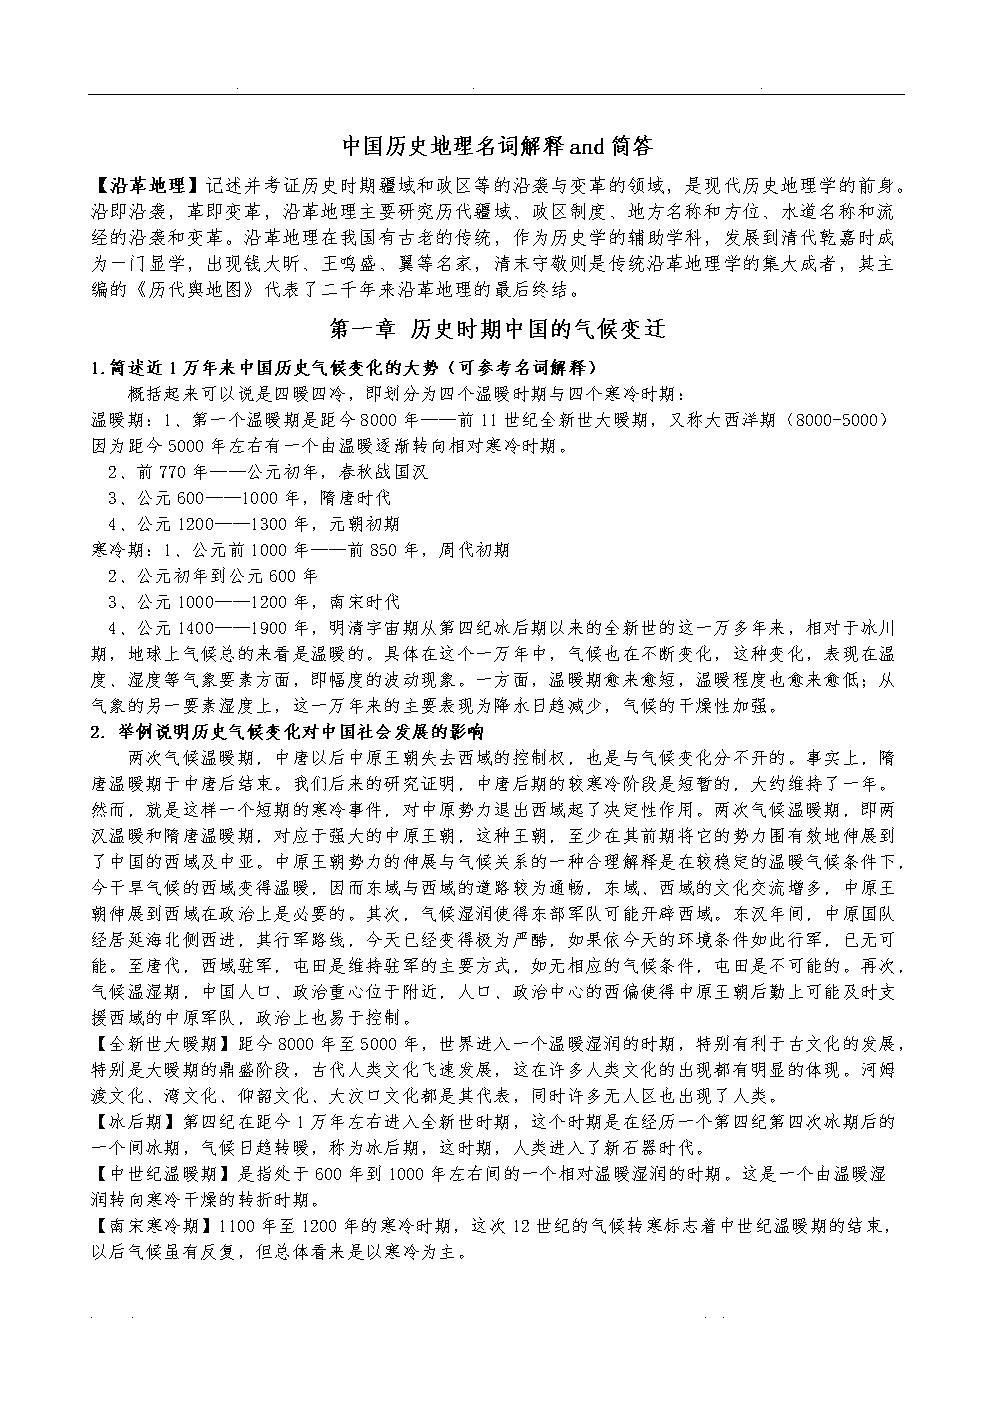 中国历史地理蓝勇版课后题名词解释简答论述题.doc